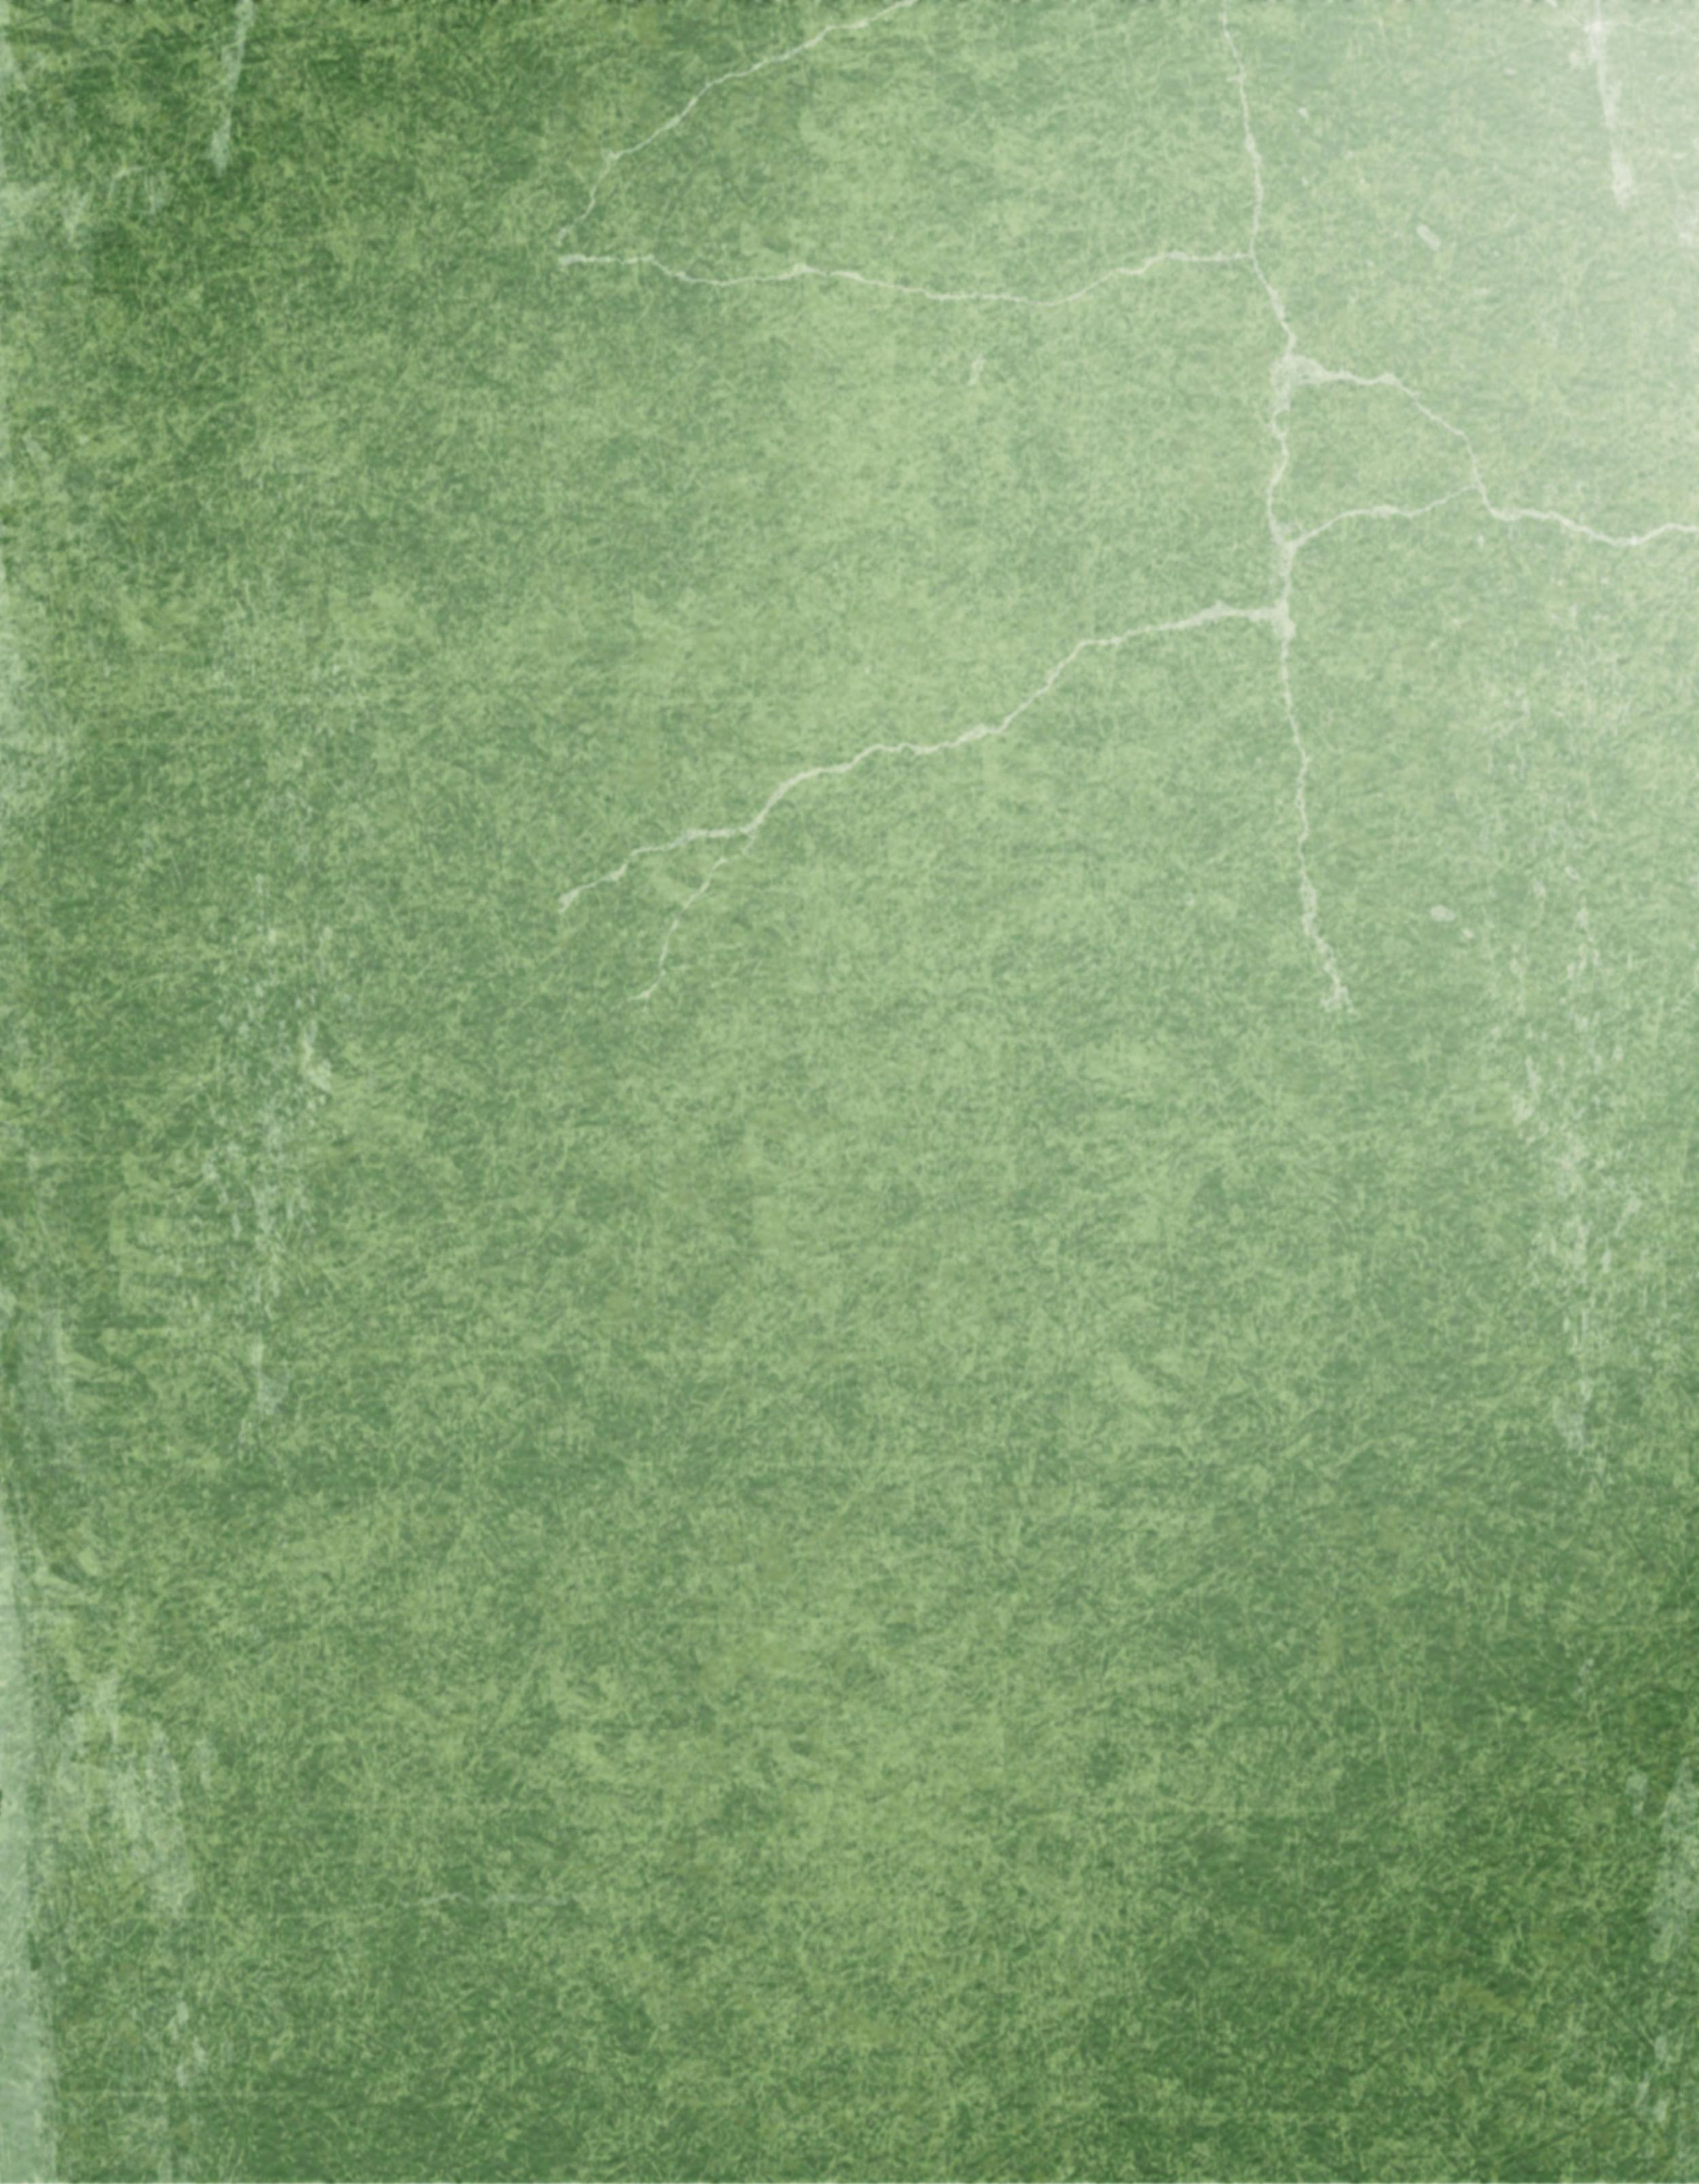 Collegiate - B1176S